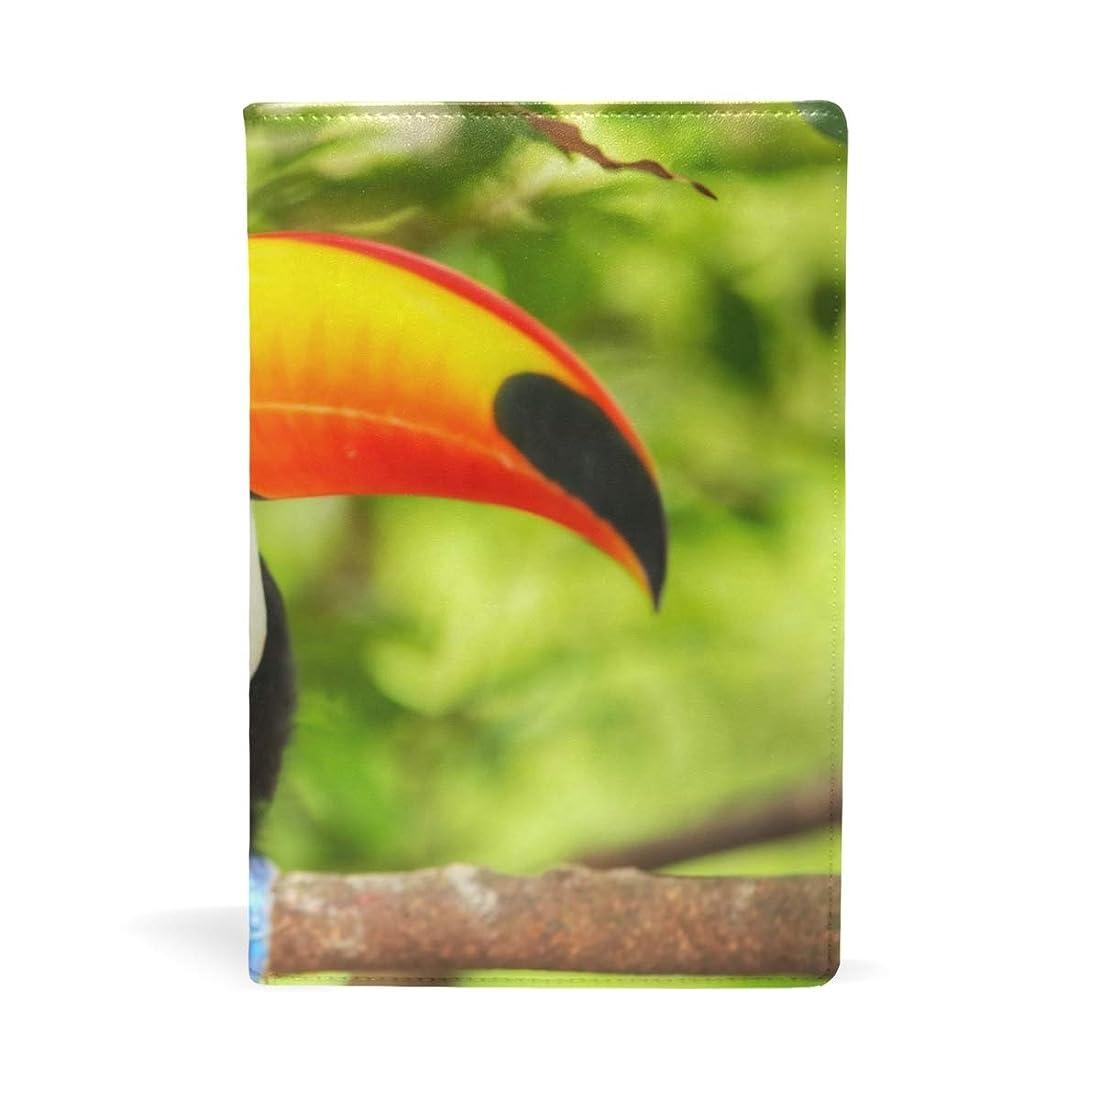 凍ったフクロウ明るいかわいい 鳥 オニオオハシ 枝 ブックカバー 文庫 a5 皮革 おしゃれ 文庫本カバー 資料 収納入れ オフィス用品 読書 雑貨 プレゼント耐久性に優れ